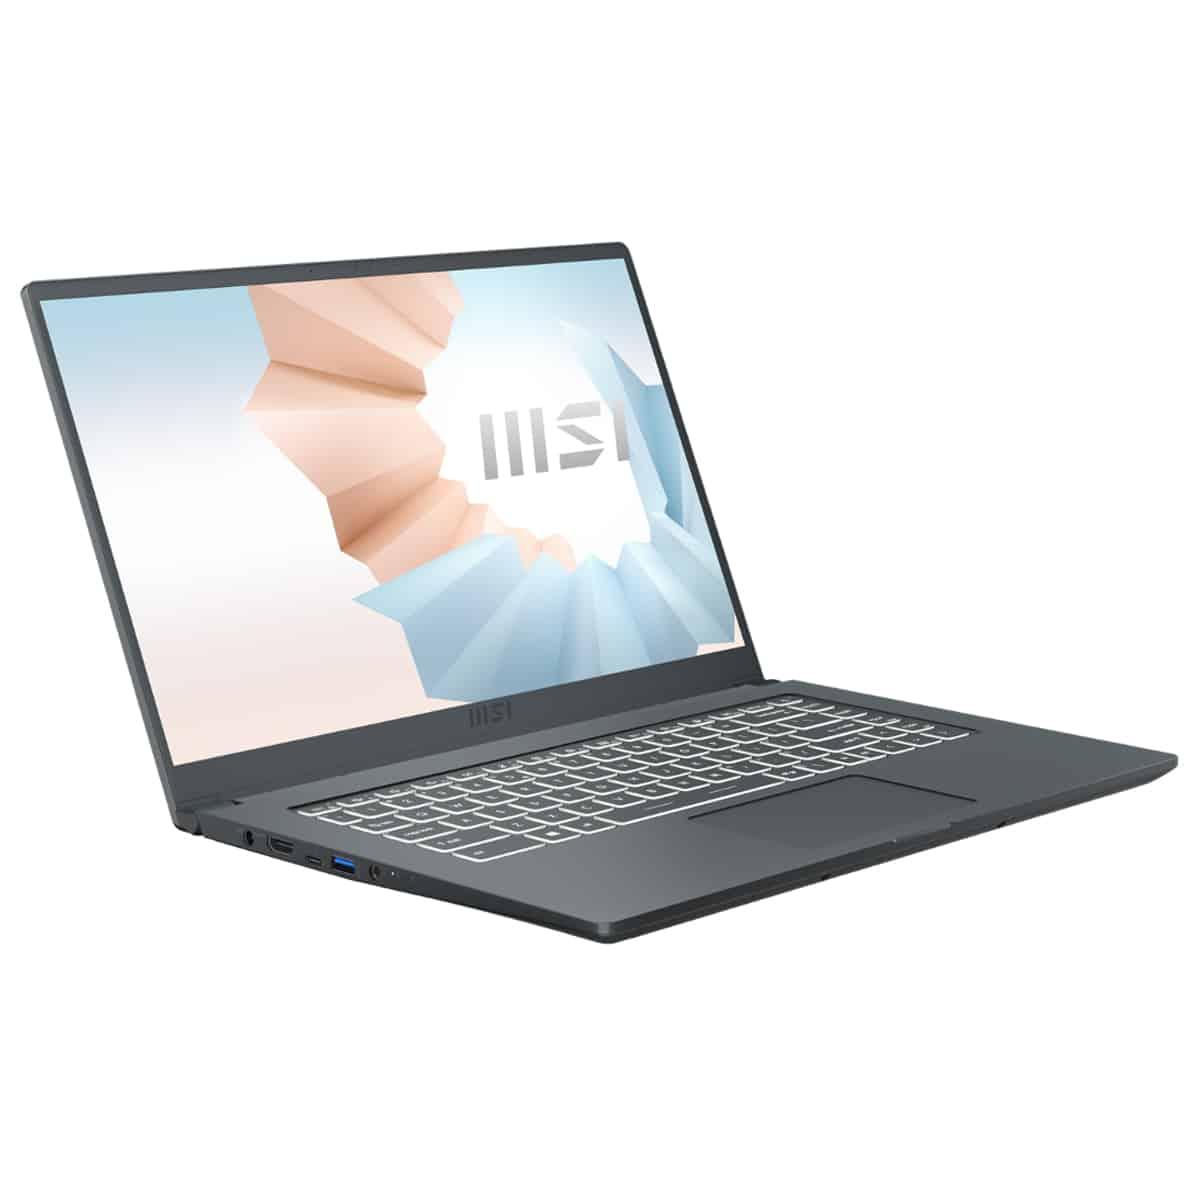 Acer-Aspire-5-Slim-A514-i7-1165G7